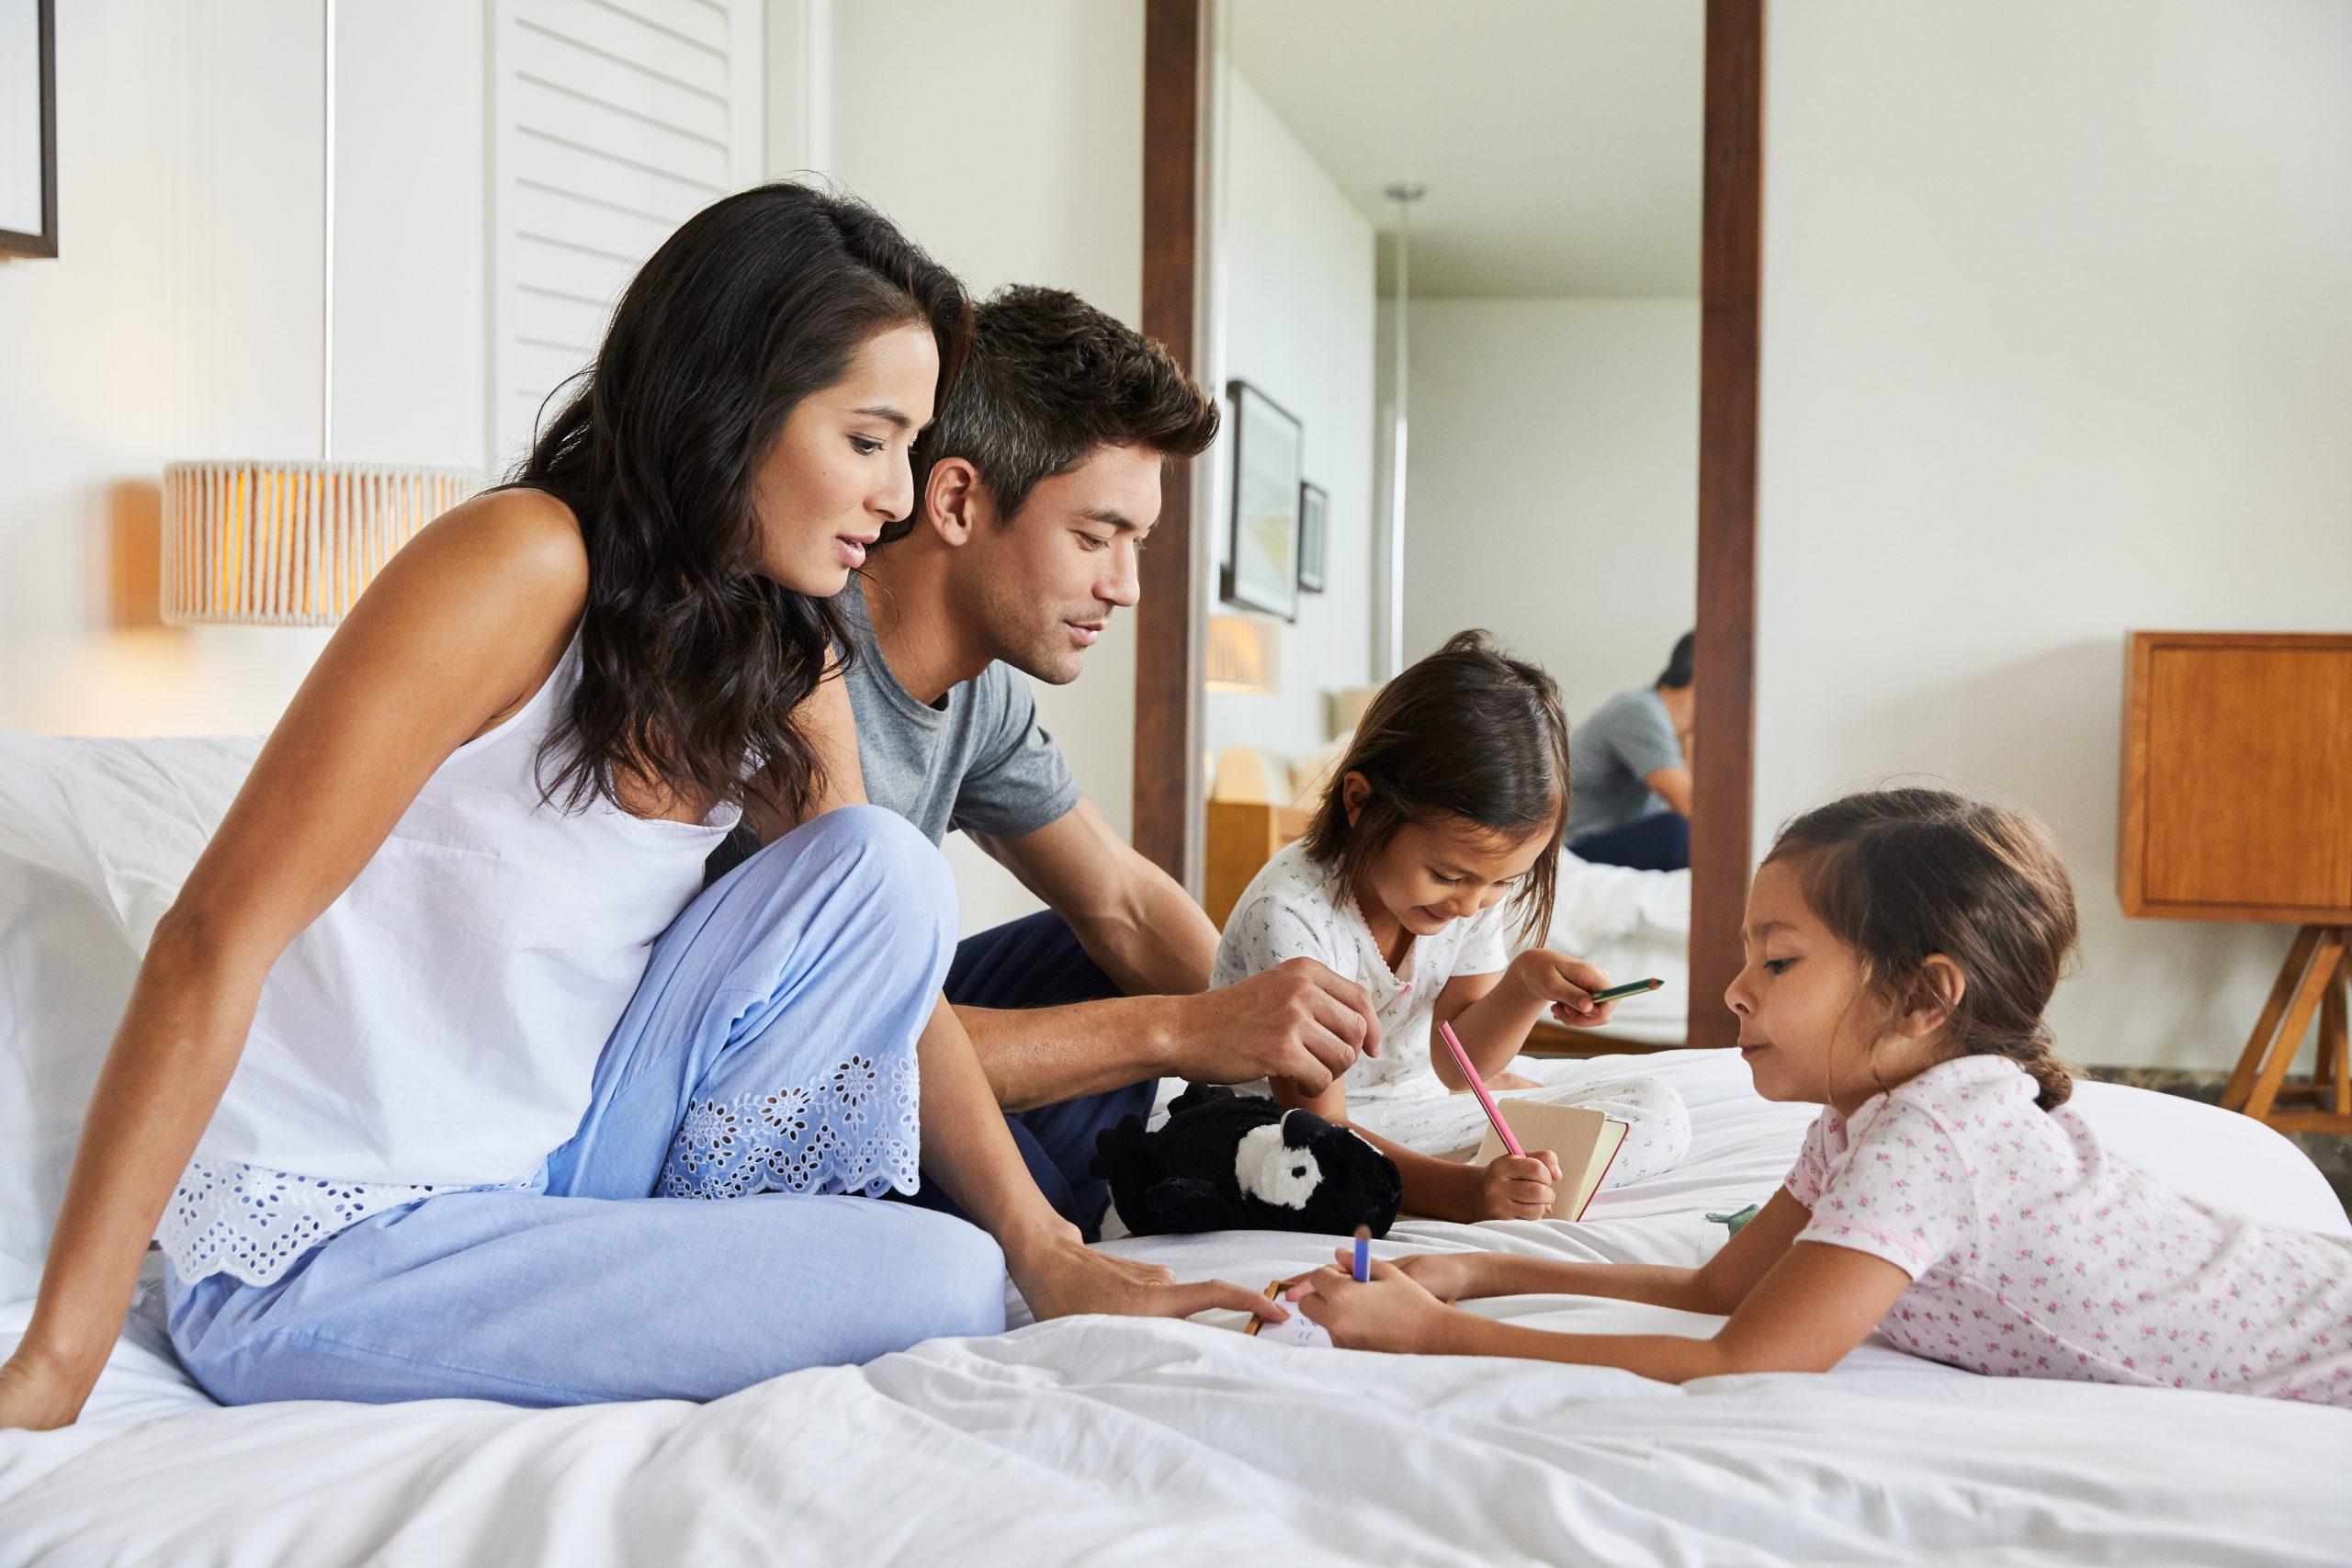 Na imagem, há uma família sentada na cama do hotel, com um homem, uma mulher e duas crianças, que estão pintando desenhos